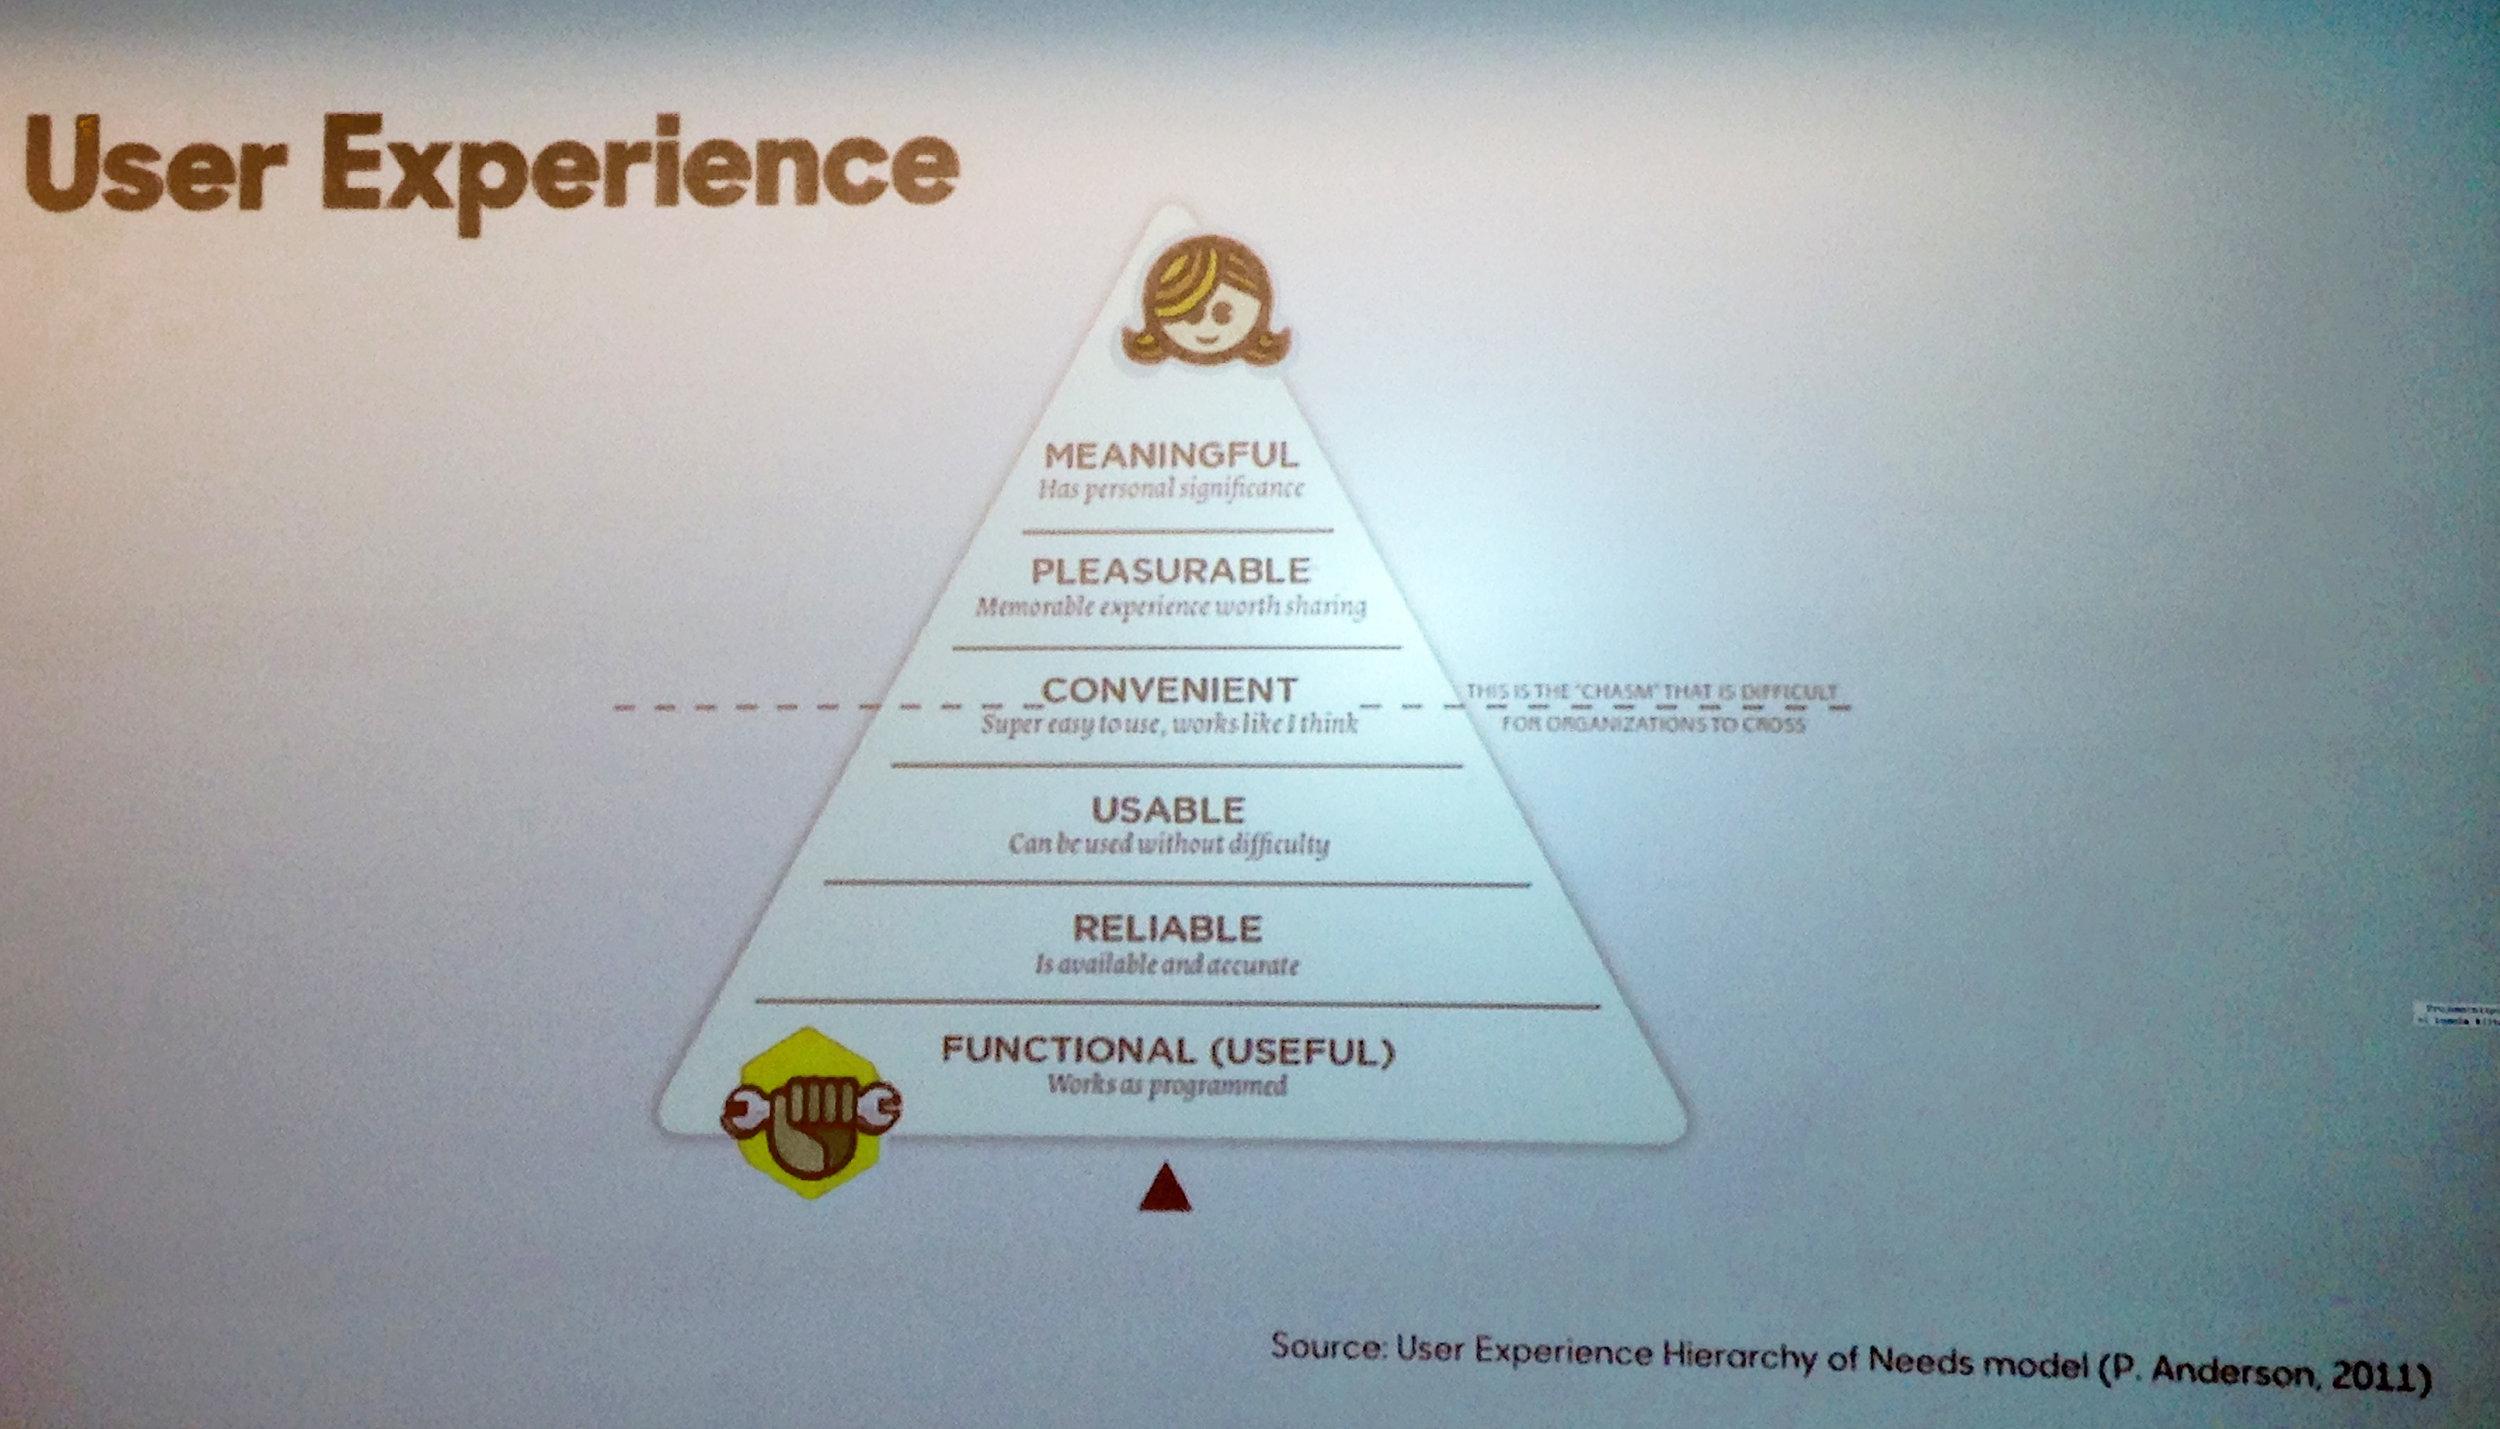 User Experience - Funcional Confiável Útil Conveniente Prazeroso e Significante